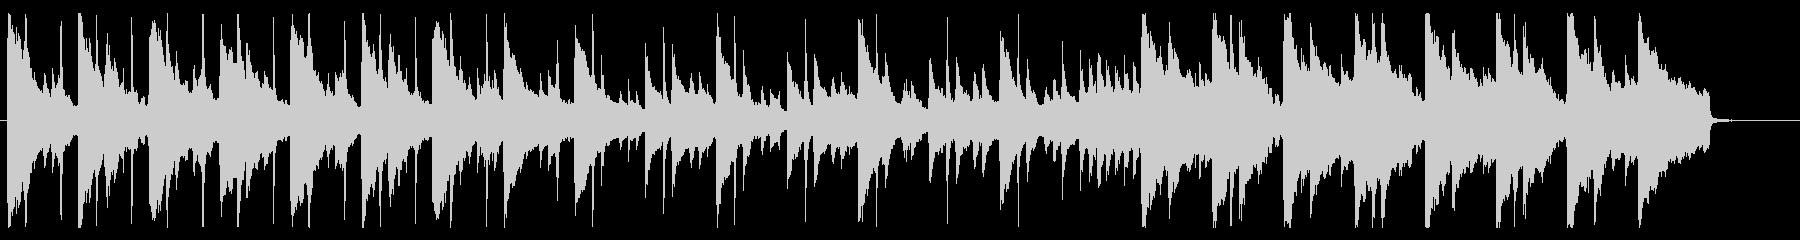 ピアノ主体のほのぼの料理番組的BGMの未再生の波形